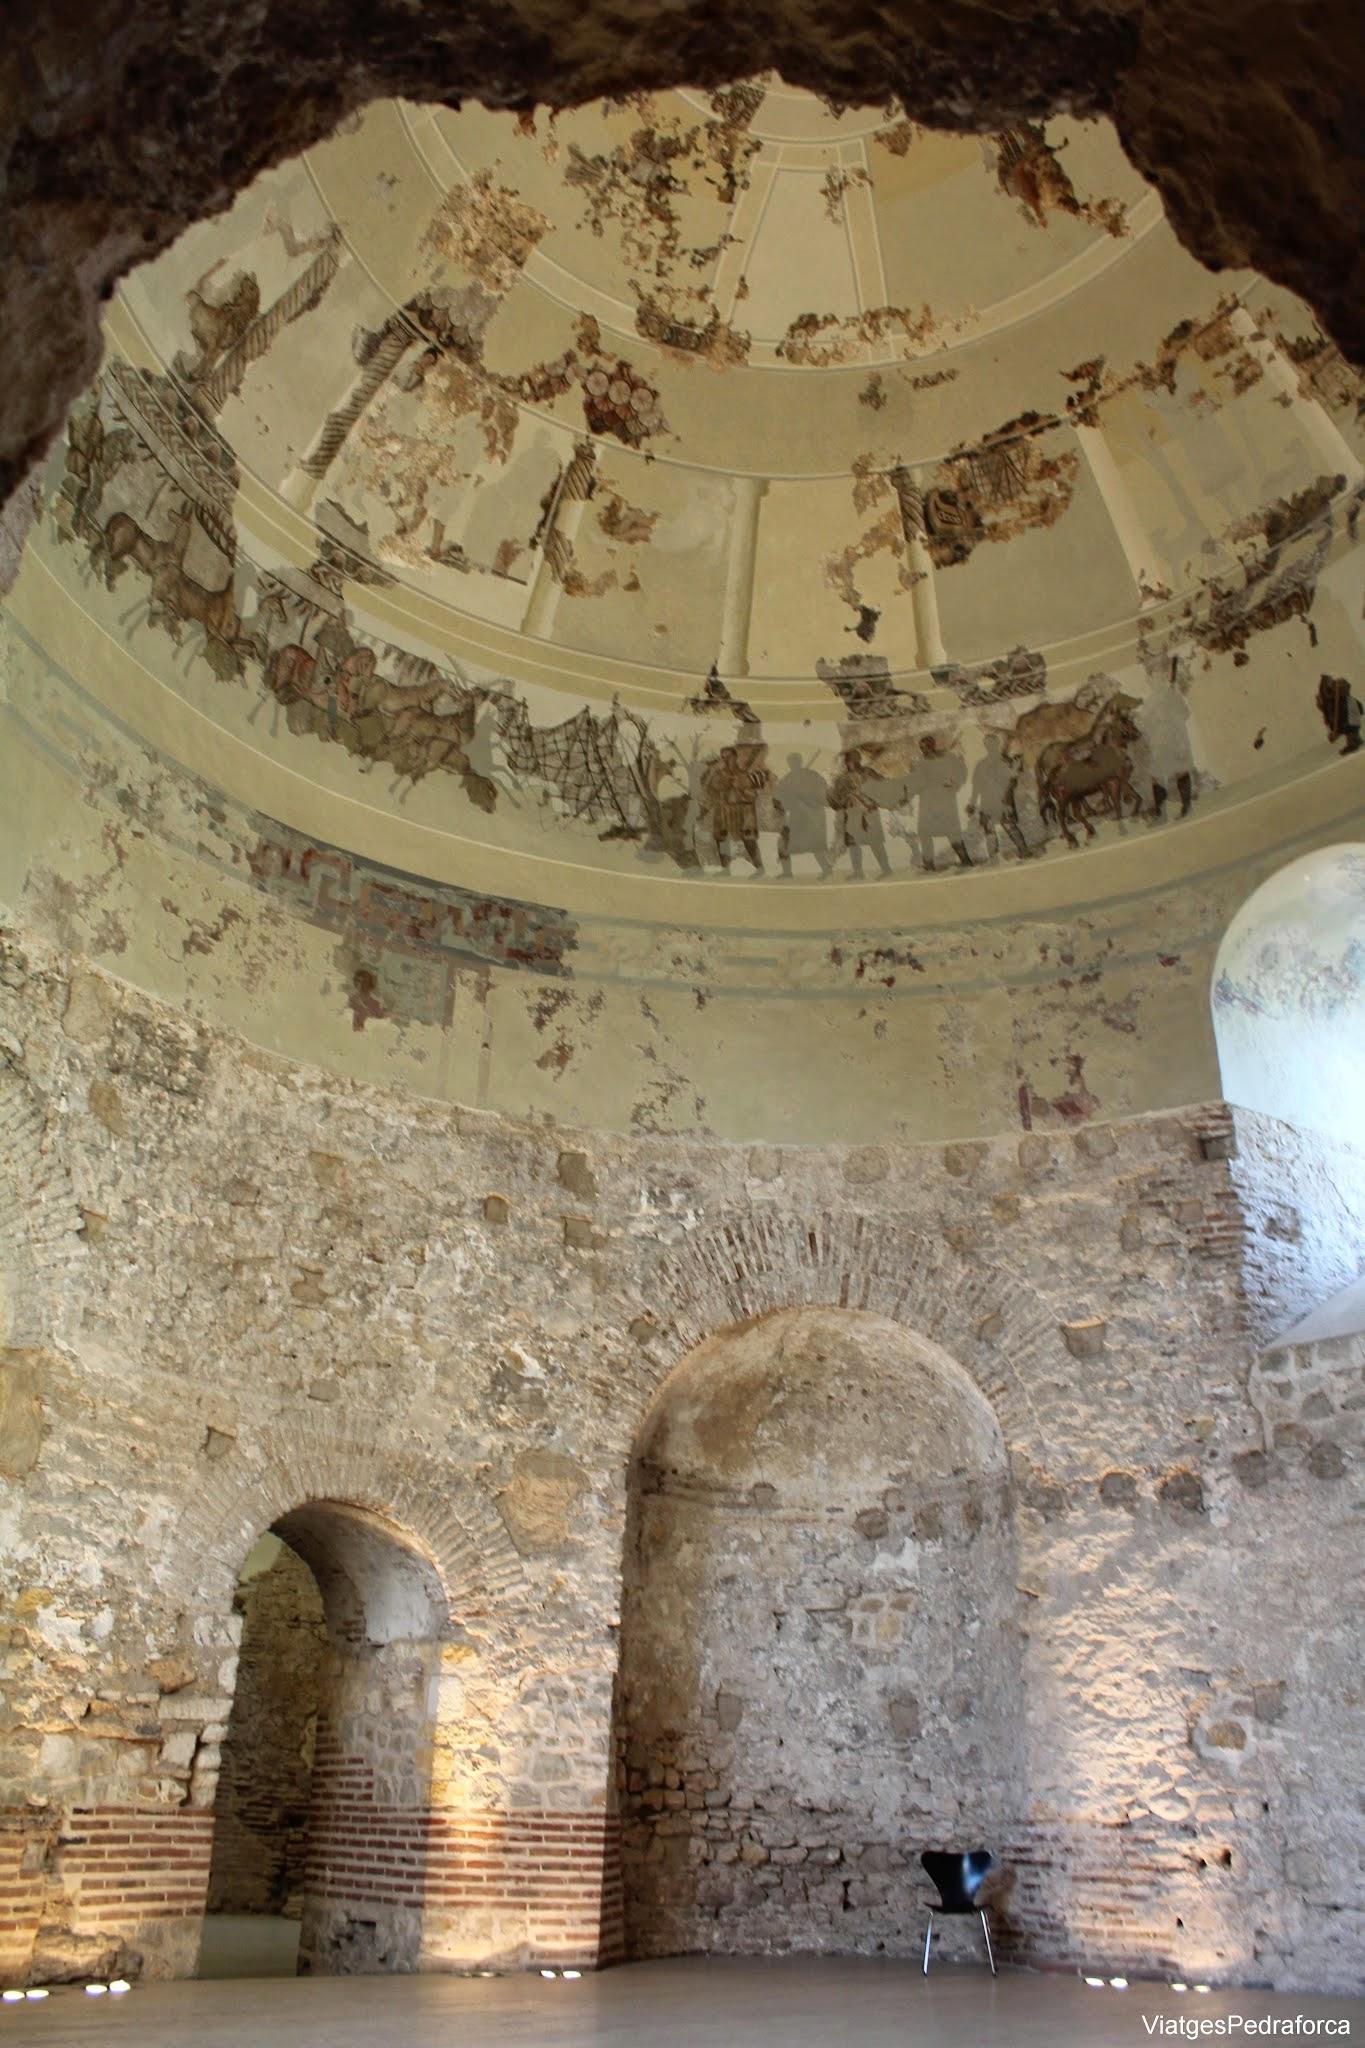 Vil.la romana de Centcelles mosaics Constanti Conjunt Arqueologic de Tarraco Patrimoni de la Humanitat Unesco